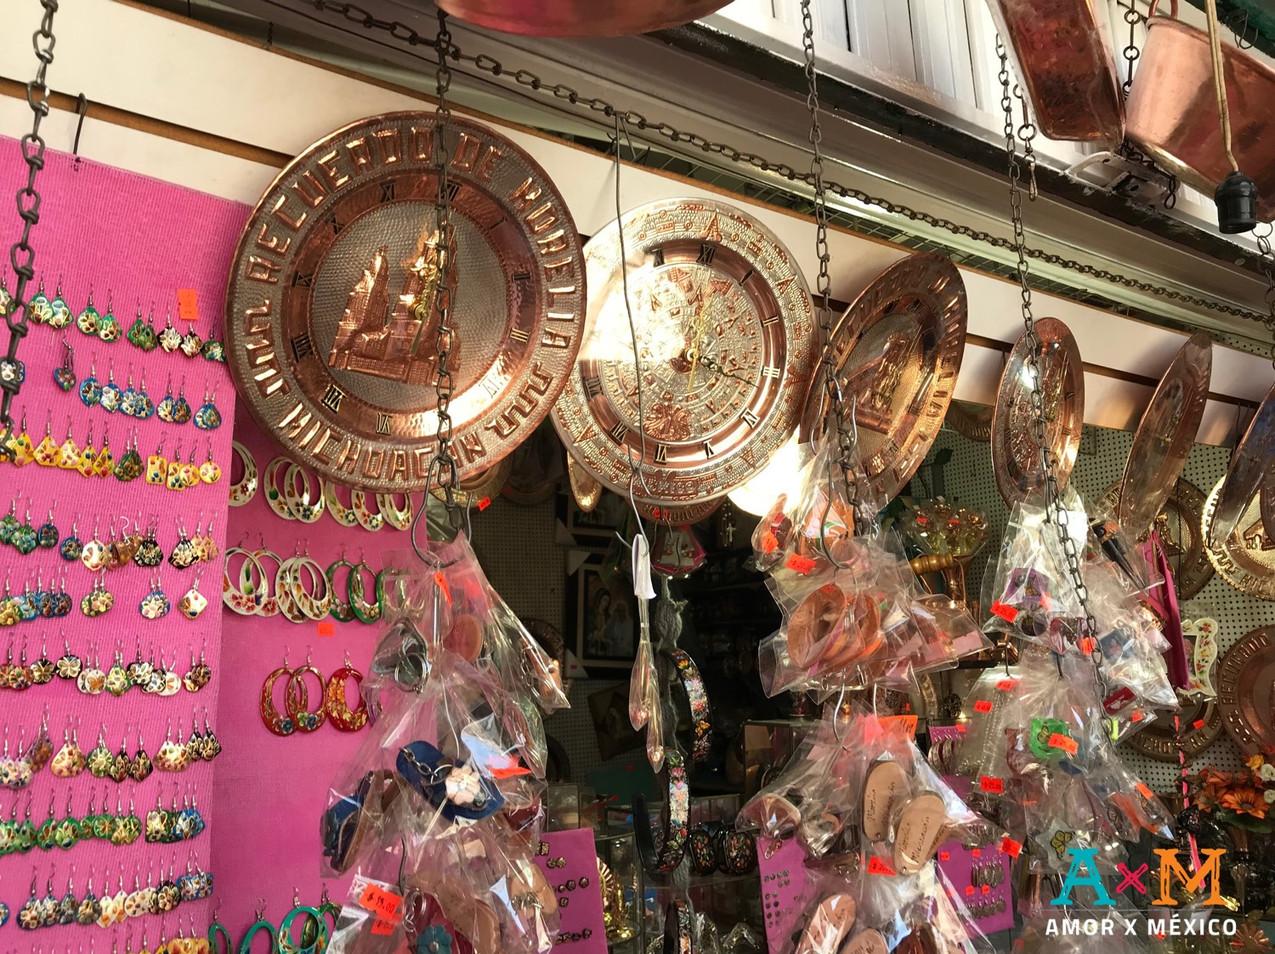 Mercado de Artesanías de Michoacán